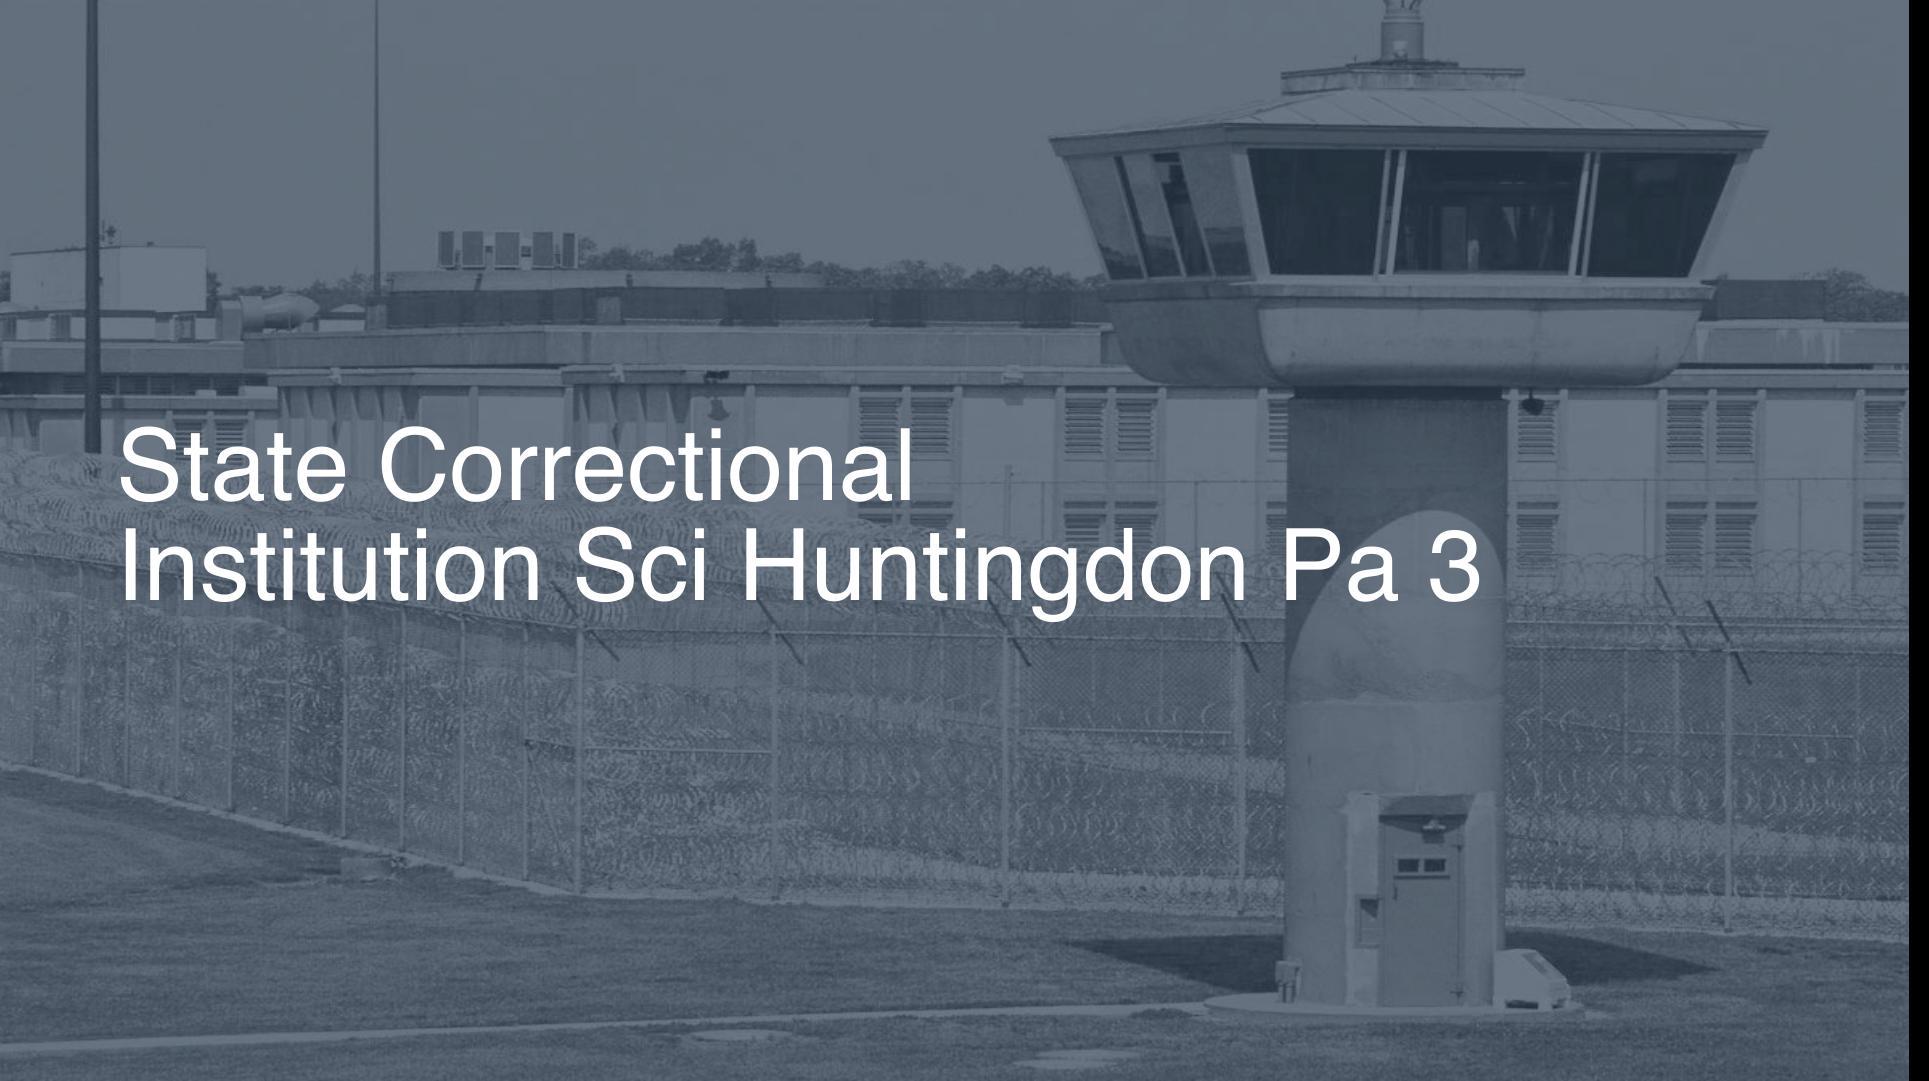 Huntingdon prison pennsylvania